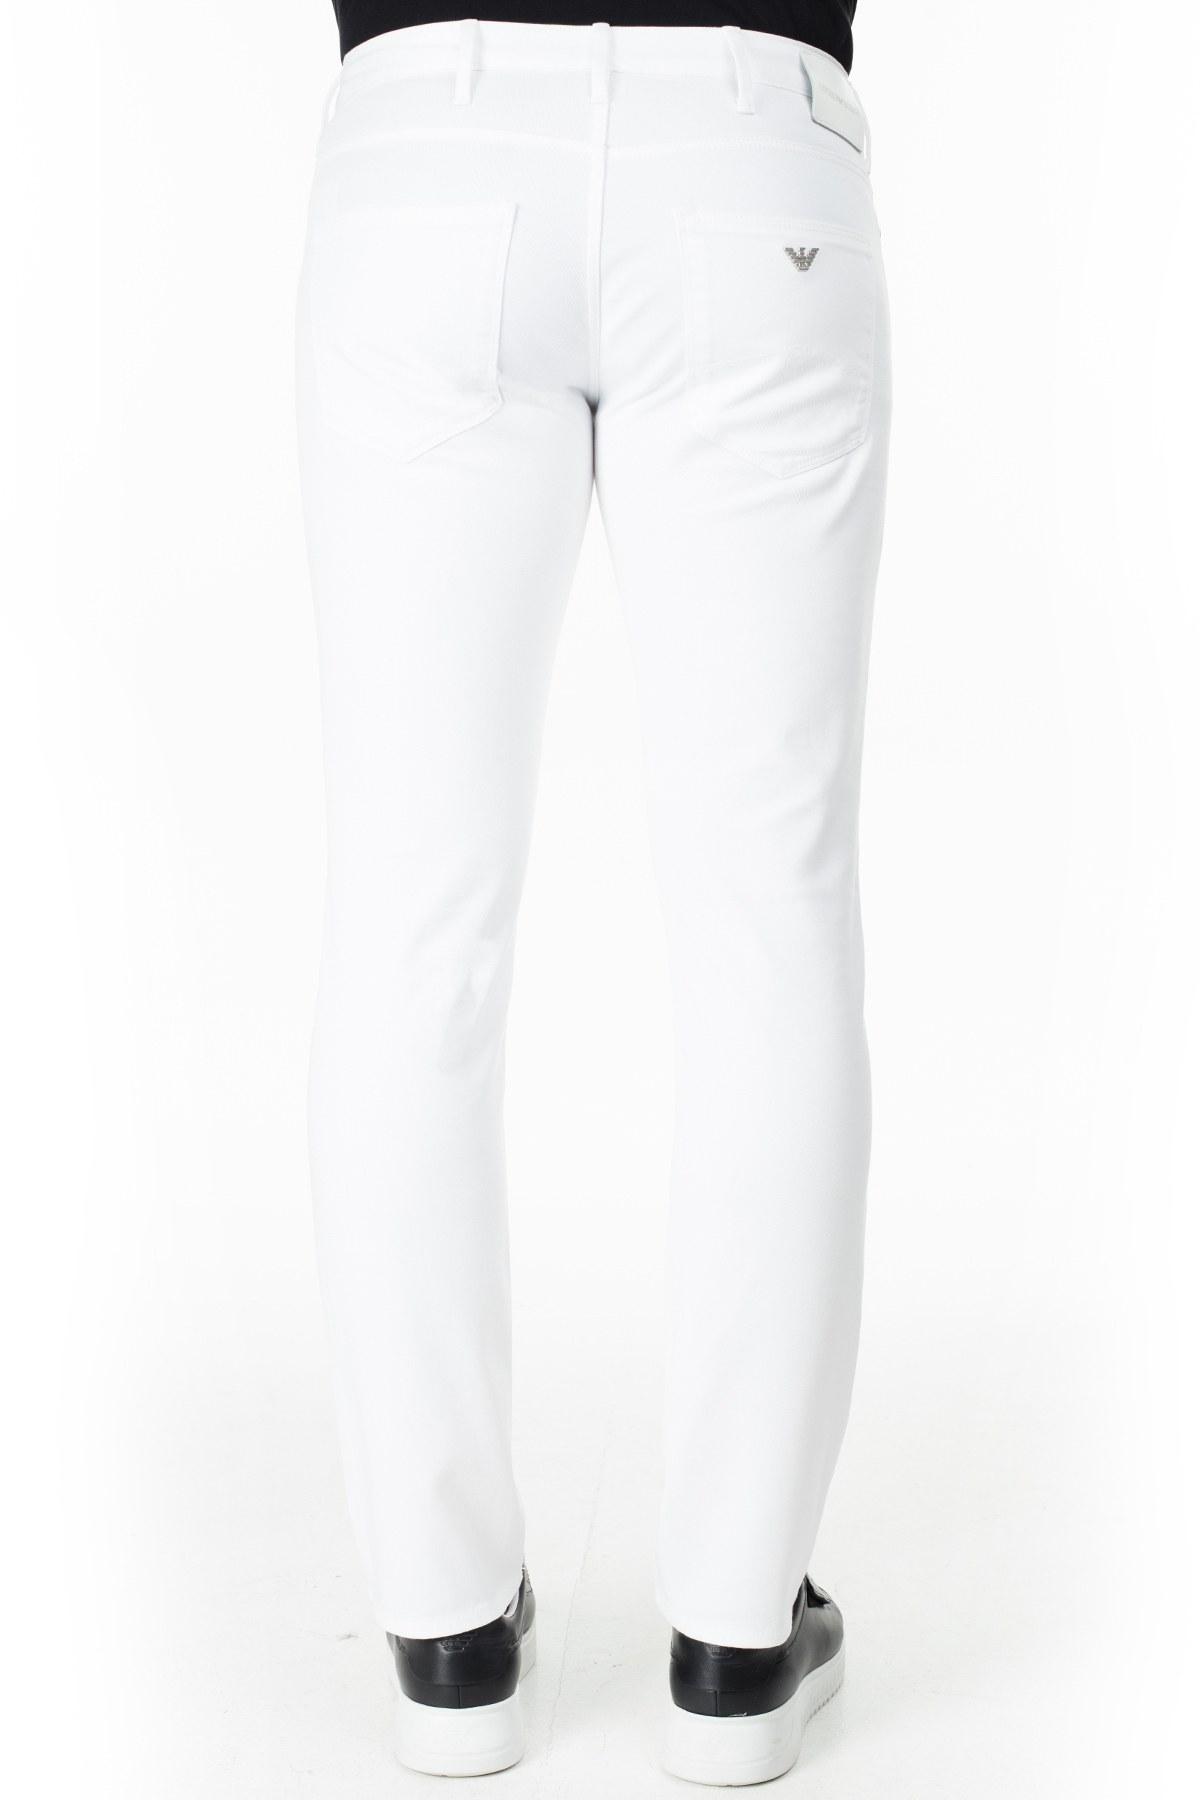 Emporio Armani J06 Jeans Erkek Pamuklu Pantolon 3H1J06 1N8XZ 0100 BEYAZ